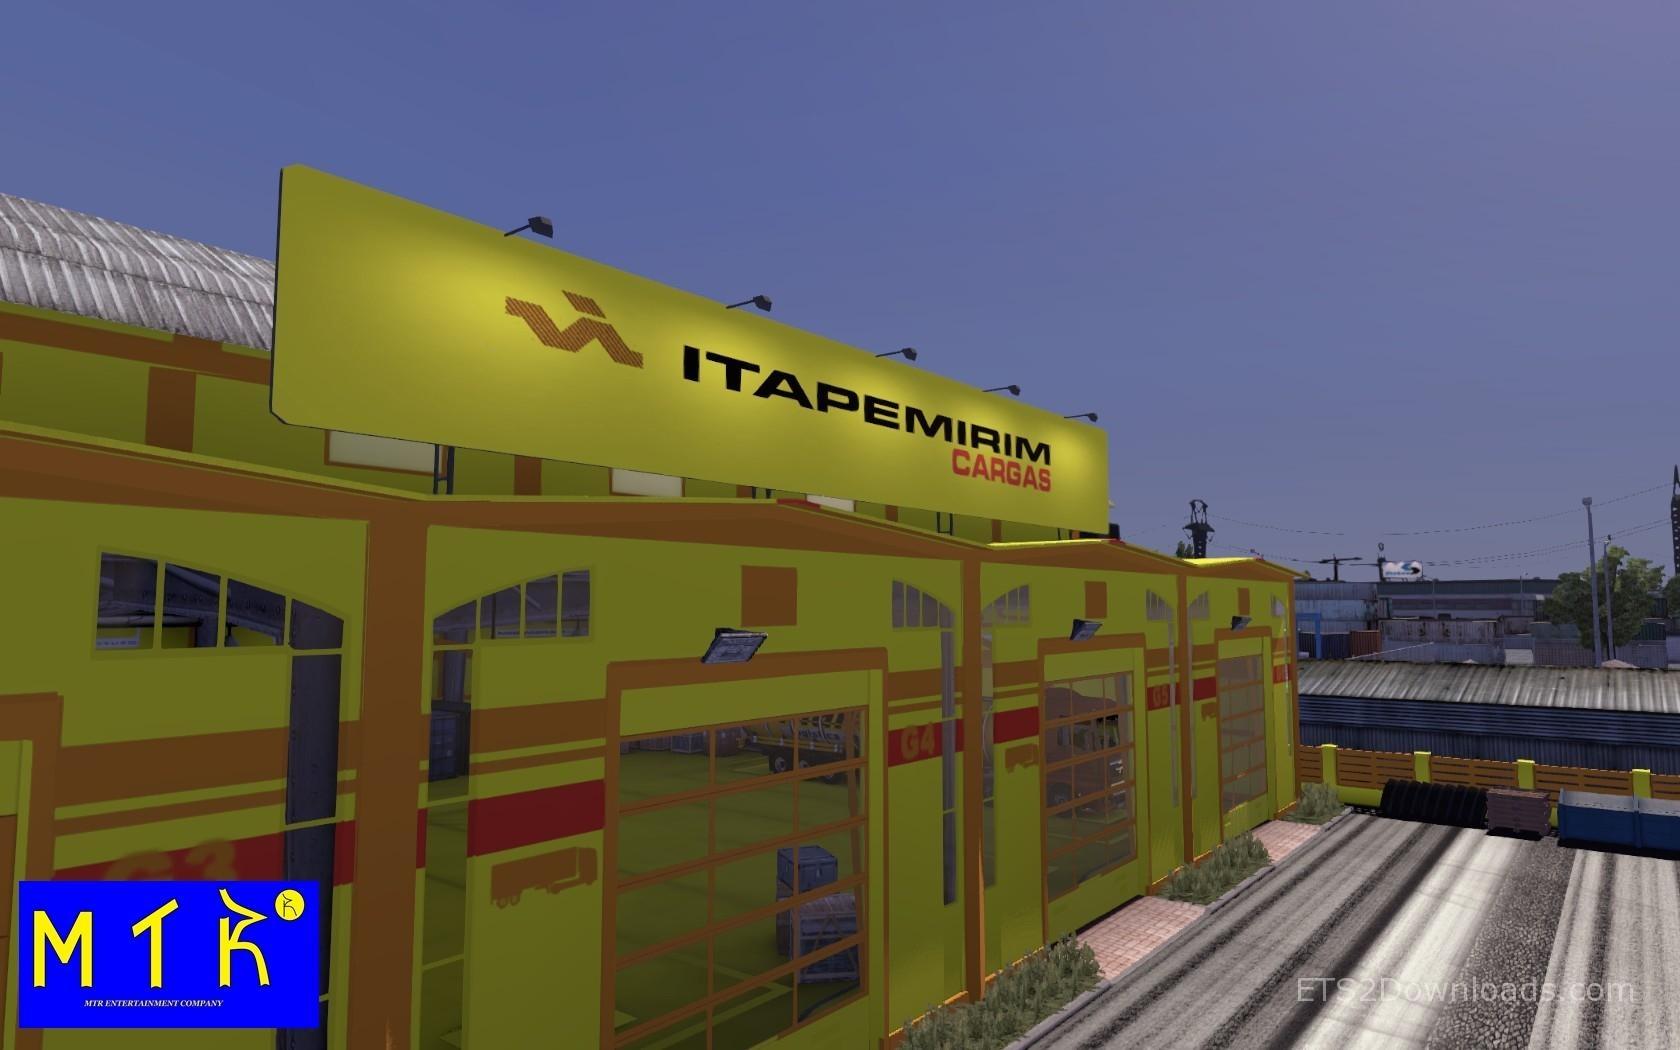 itapemirim-cargas-skin-for-garage-ets2-2